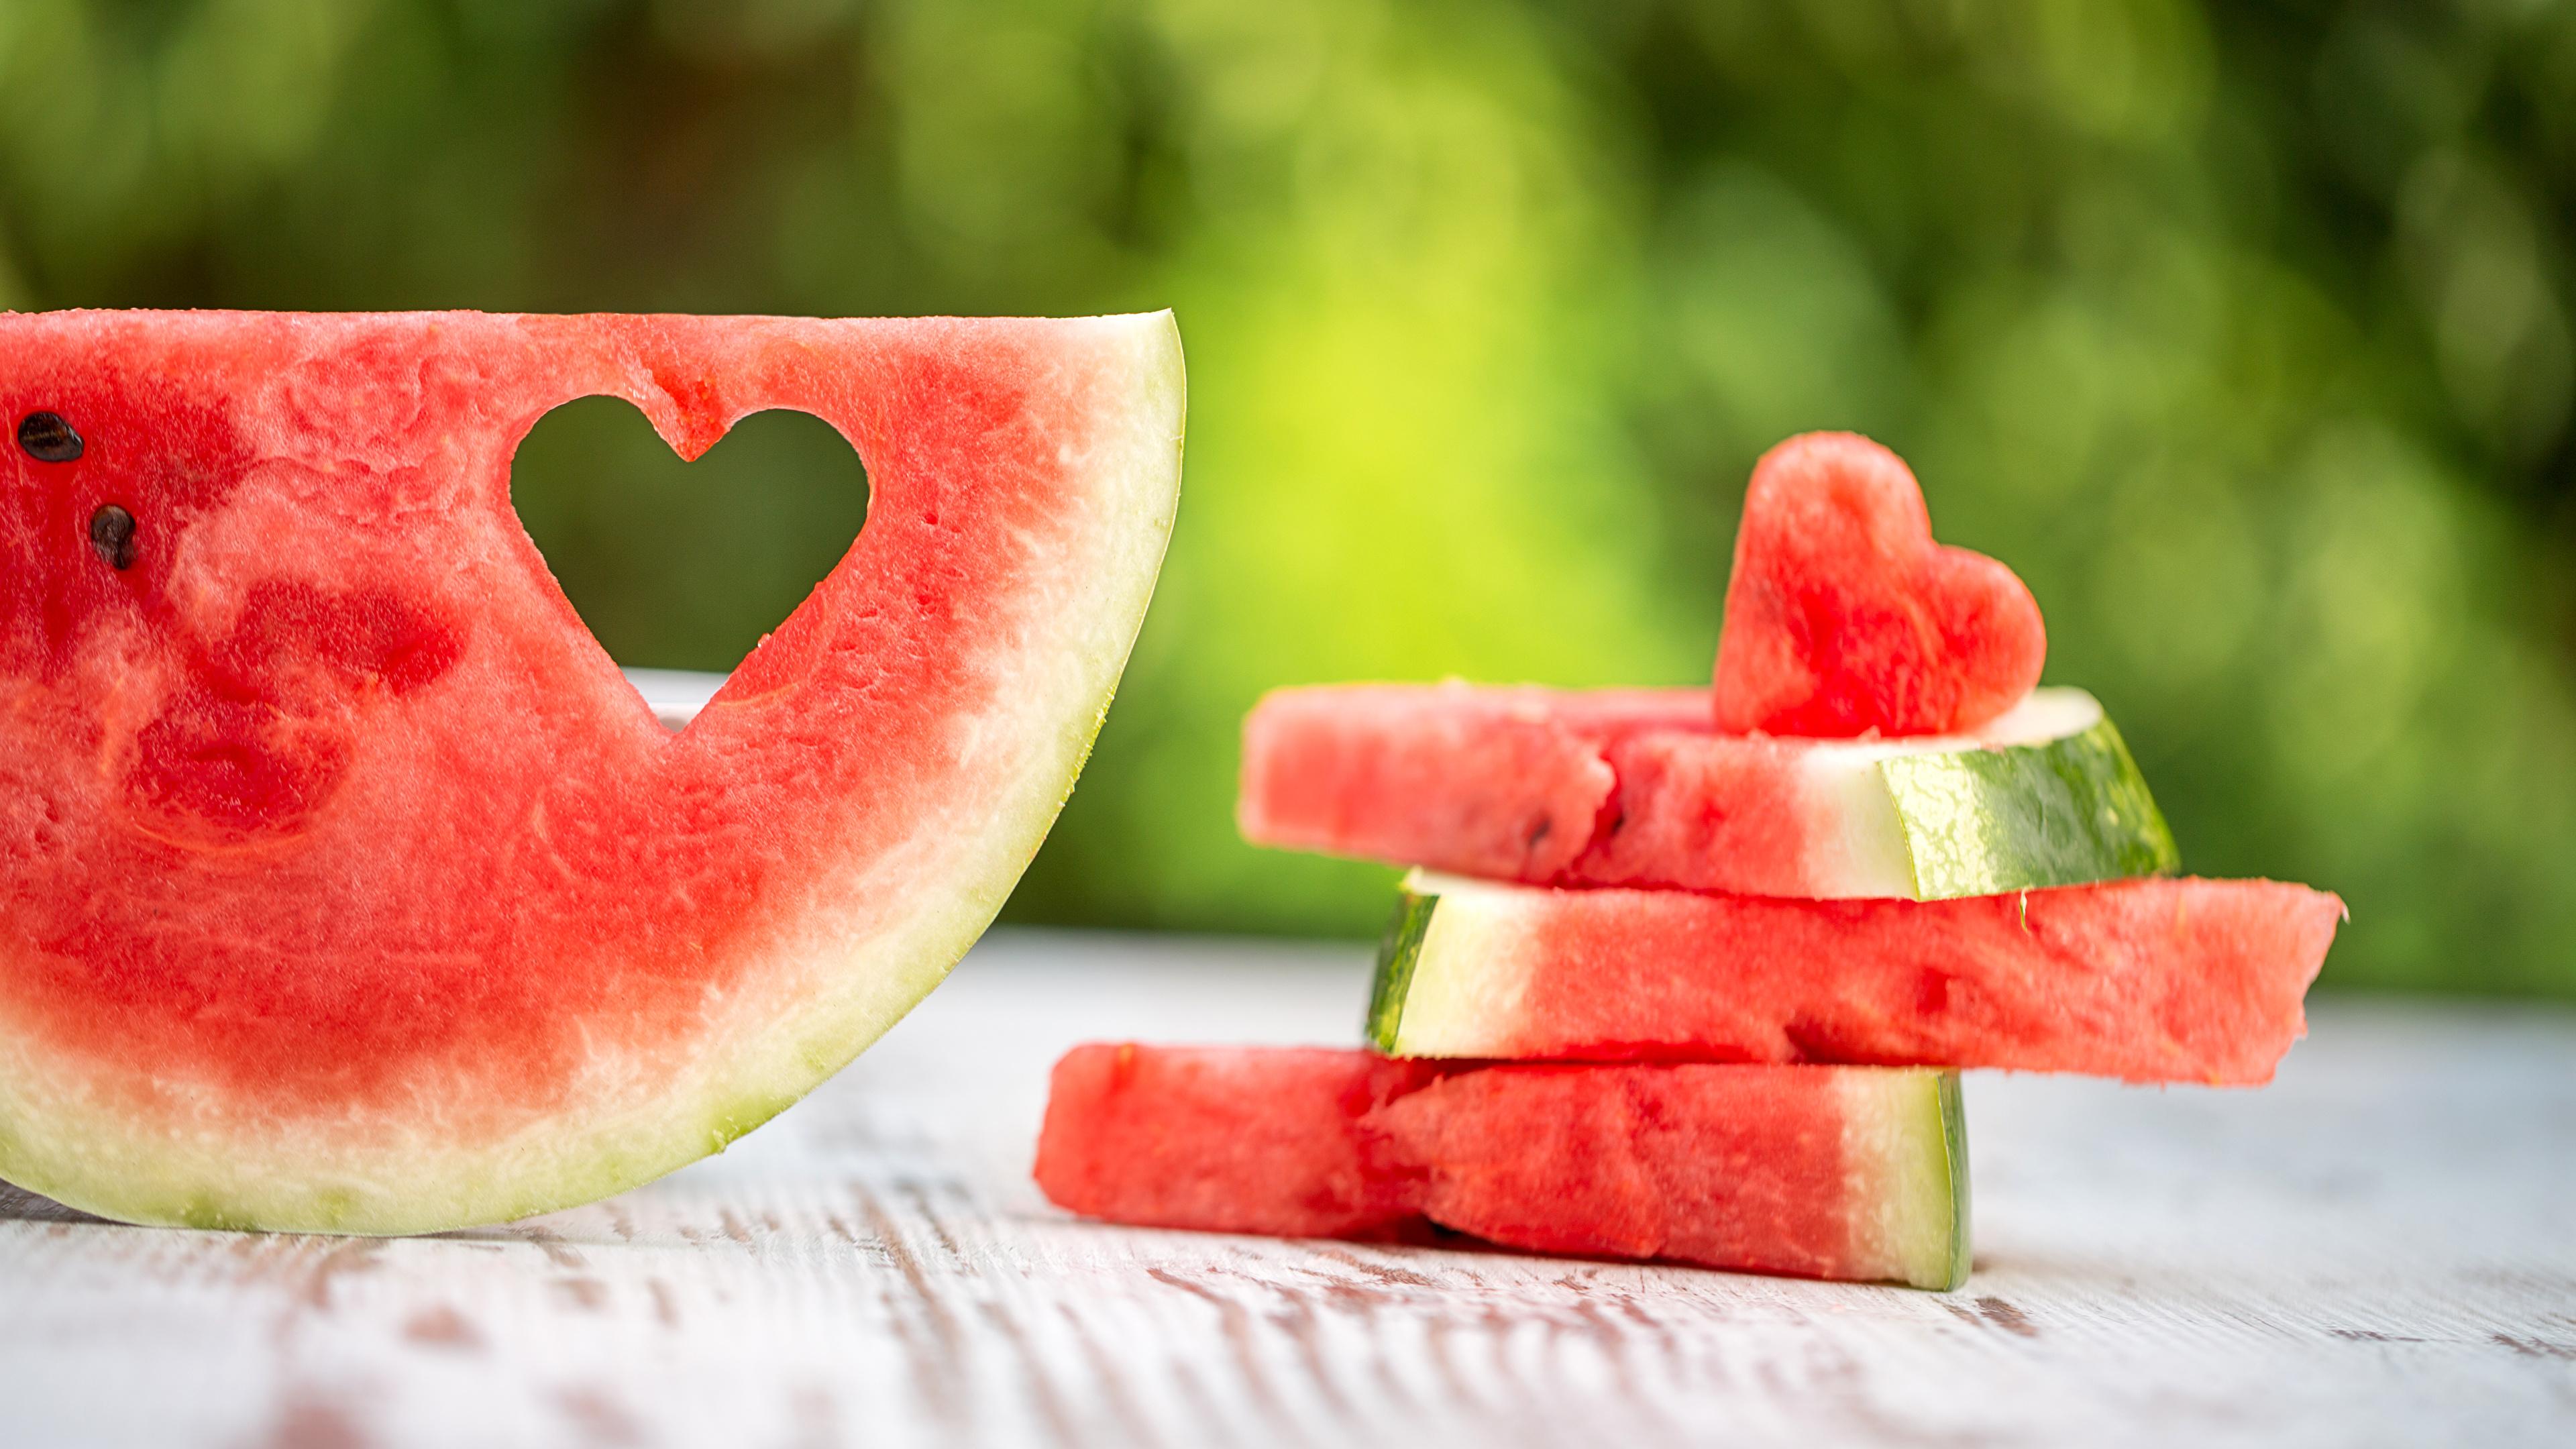 Фотографии серце Кусок Арбузы Продукты питания 3840x2160 Сердце сердца сердечко часть кусочки кусочек Еда Пища